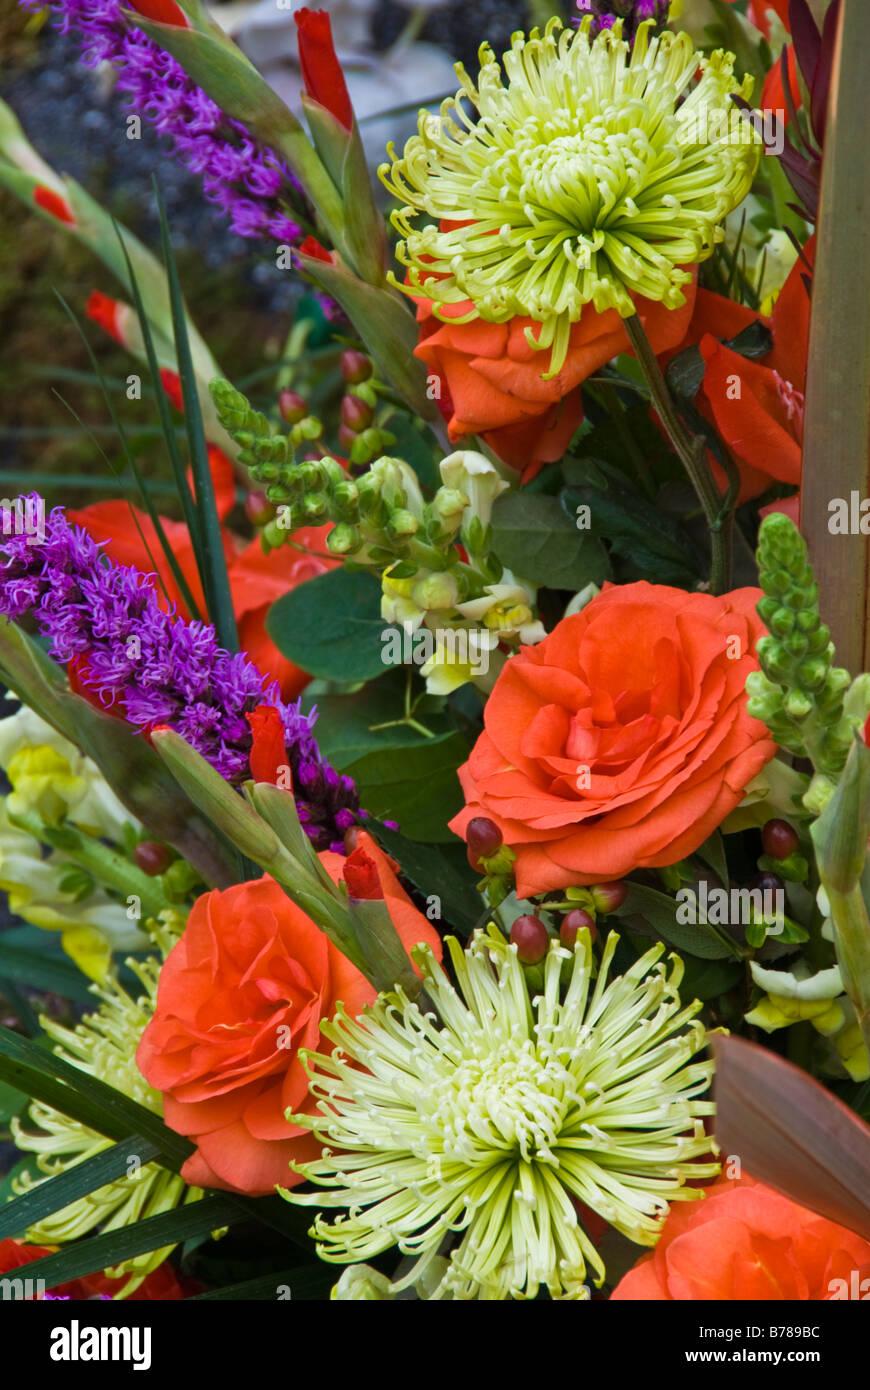 Purple Orange Rose perennial shrub genus Rosa Rosaceae close up roses Spider mum flowers Love, Gladiolus Beauty, - Stock Image